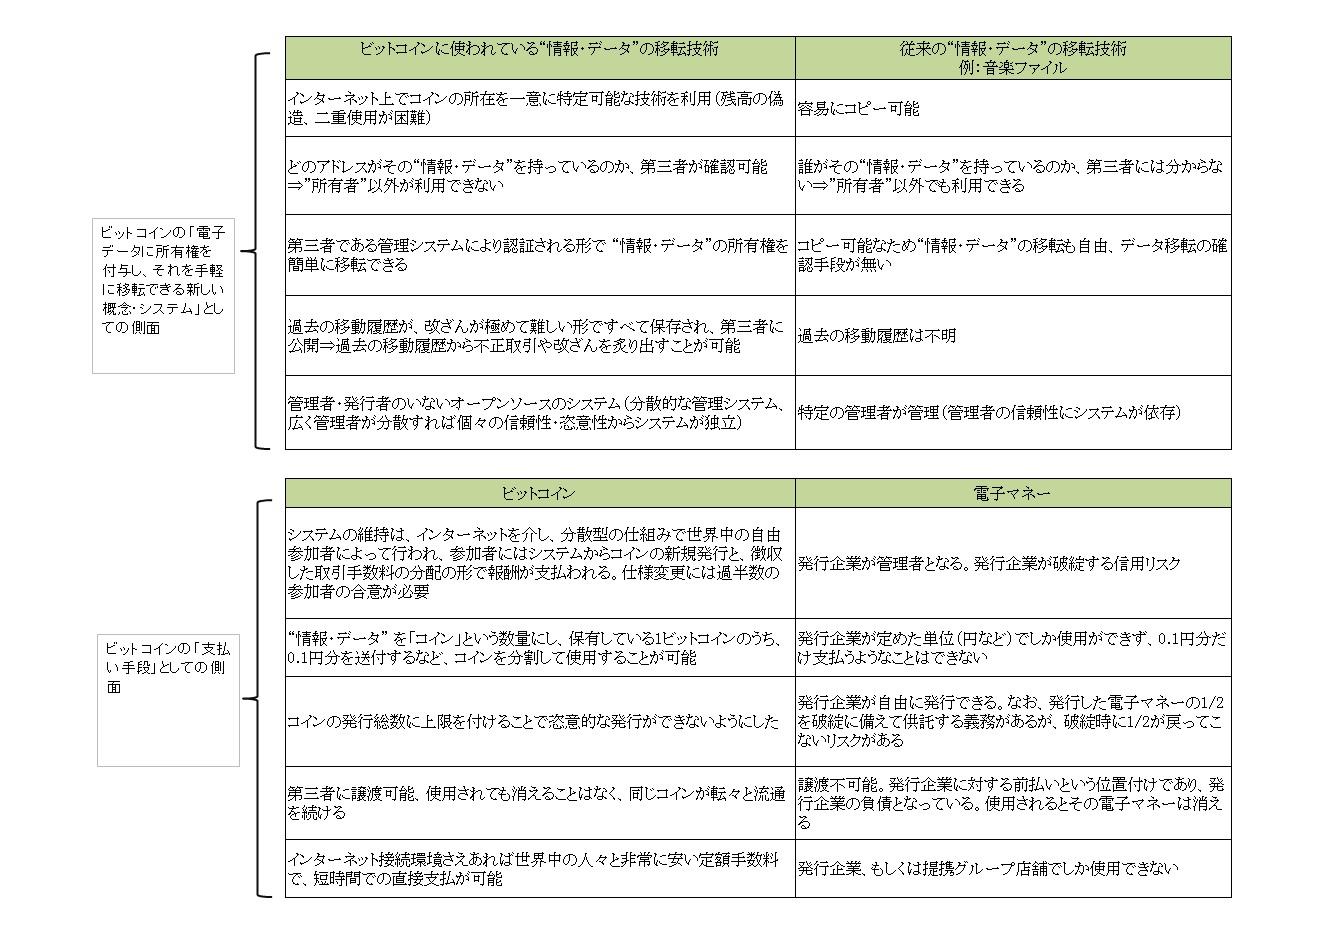 document-010